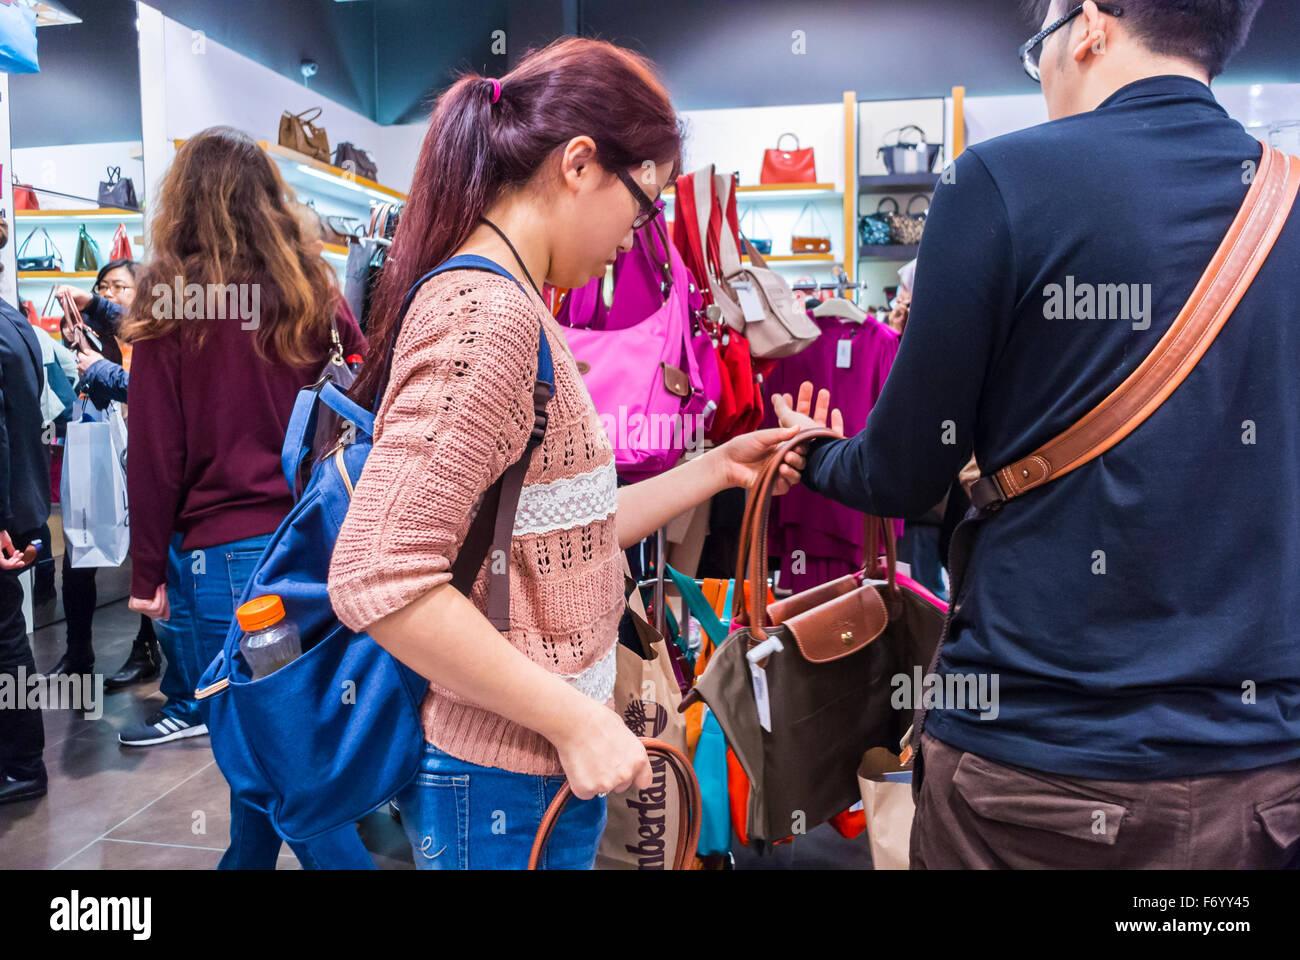 Acheteur Outlet Centre Femme Chinoise Le Dans Mall La France Paris Shopping Luxe PwEqz8x